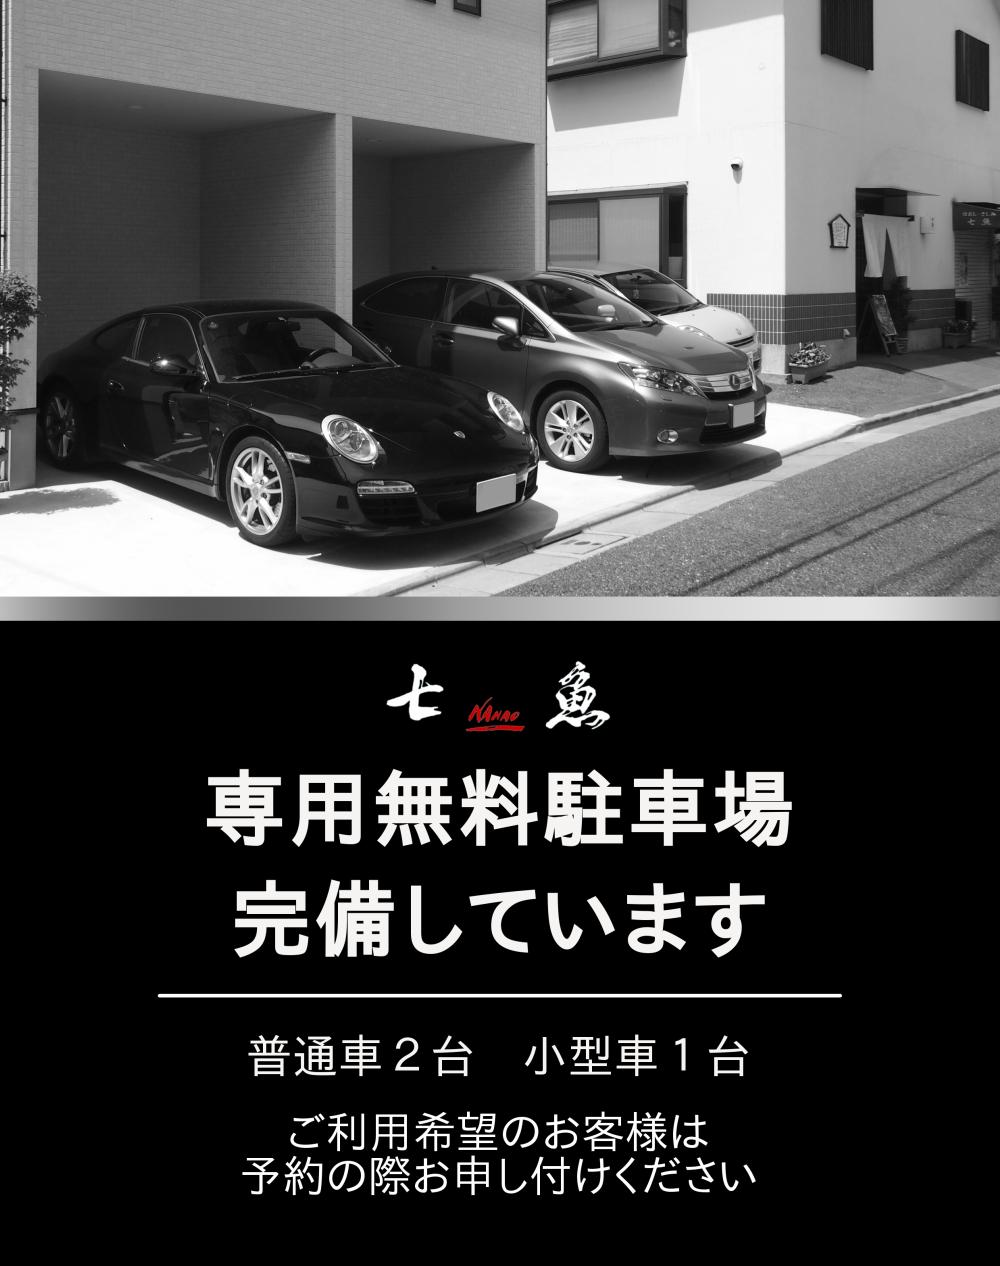 七魚の店で法事の食事会【お斎】